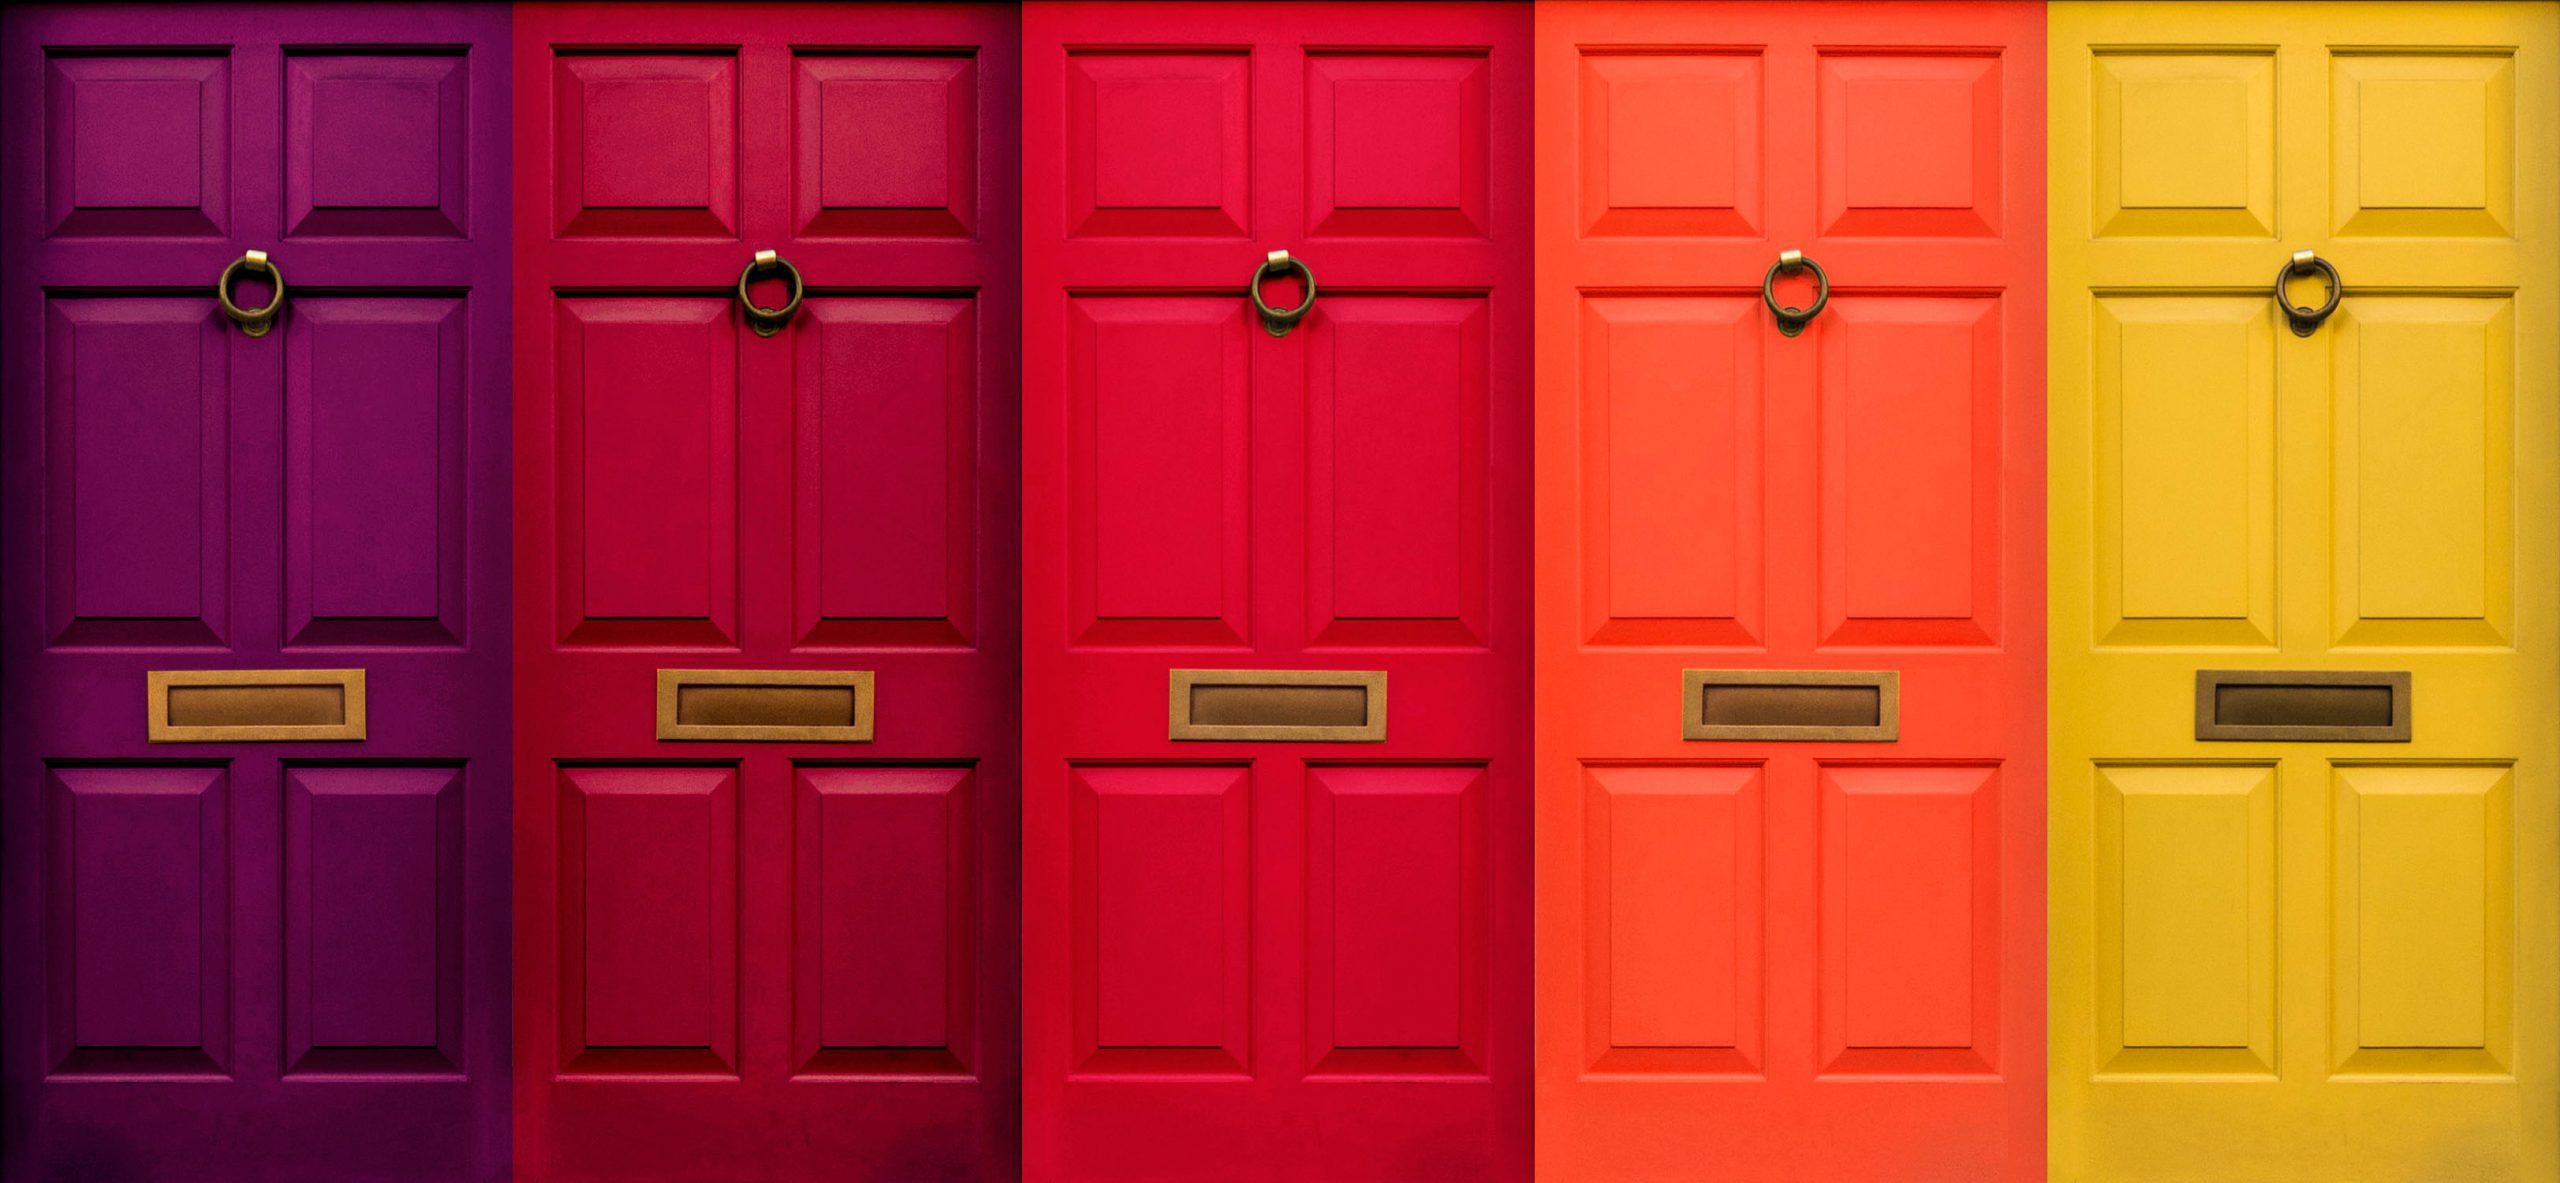 דלתות אלומיניום במגון צבעים